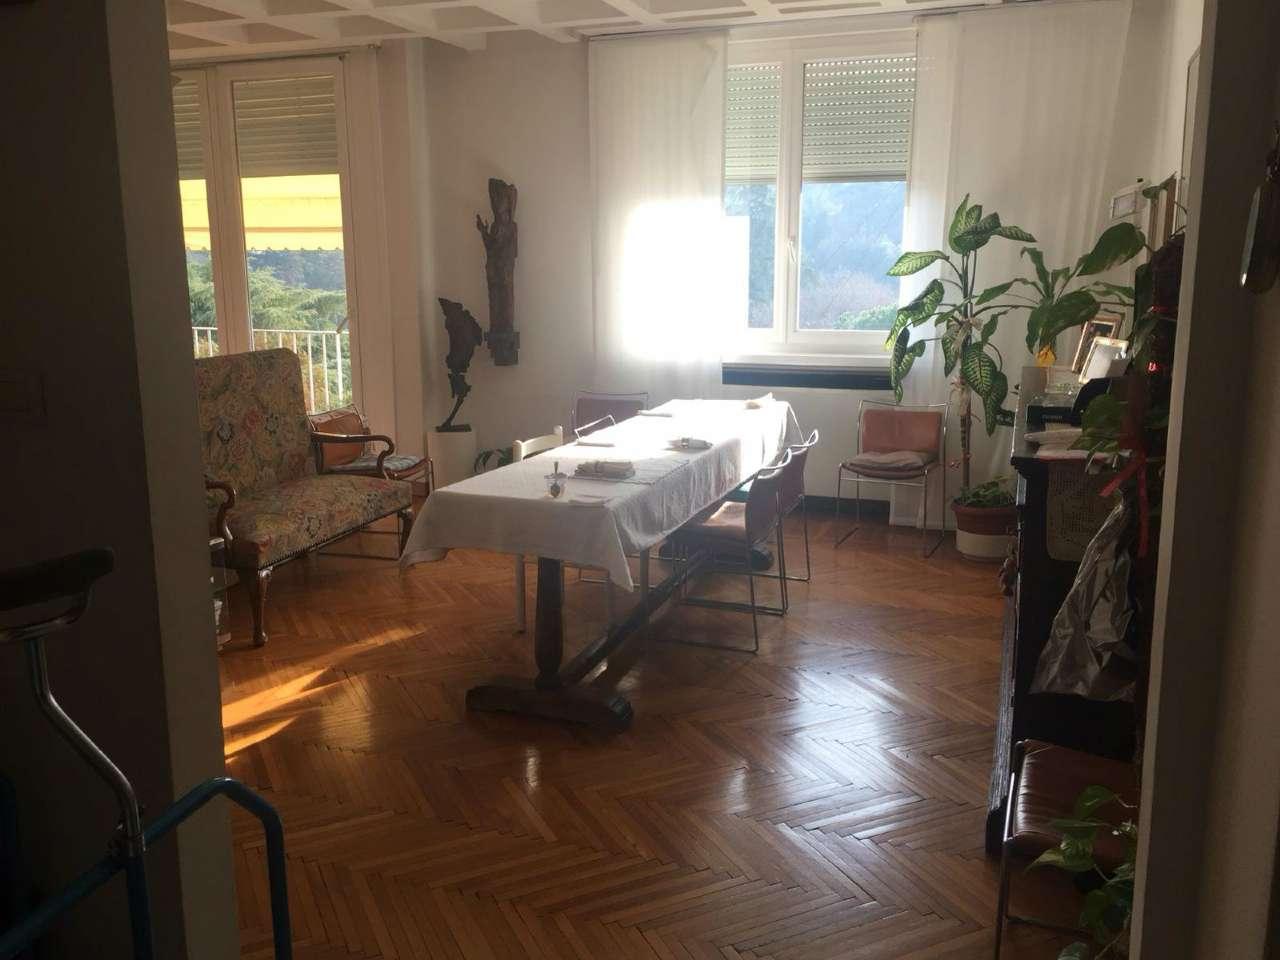 Appartamento in affitto a Bologna, 5 locali, zona Zona: 12 . Costa Saragozza/Saragozza, prezzo € 2.250 | CambioCasa.it